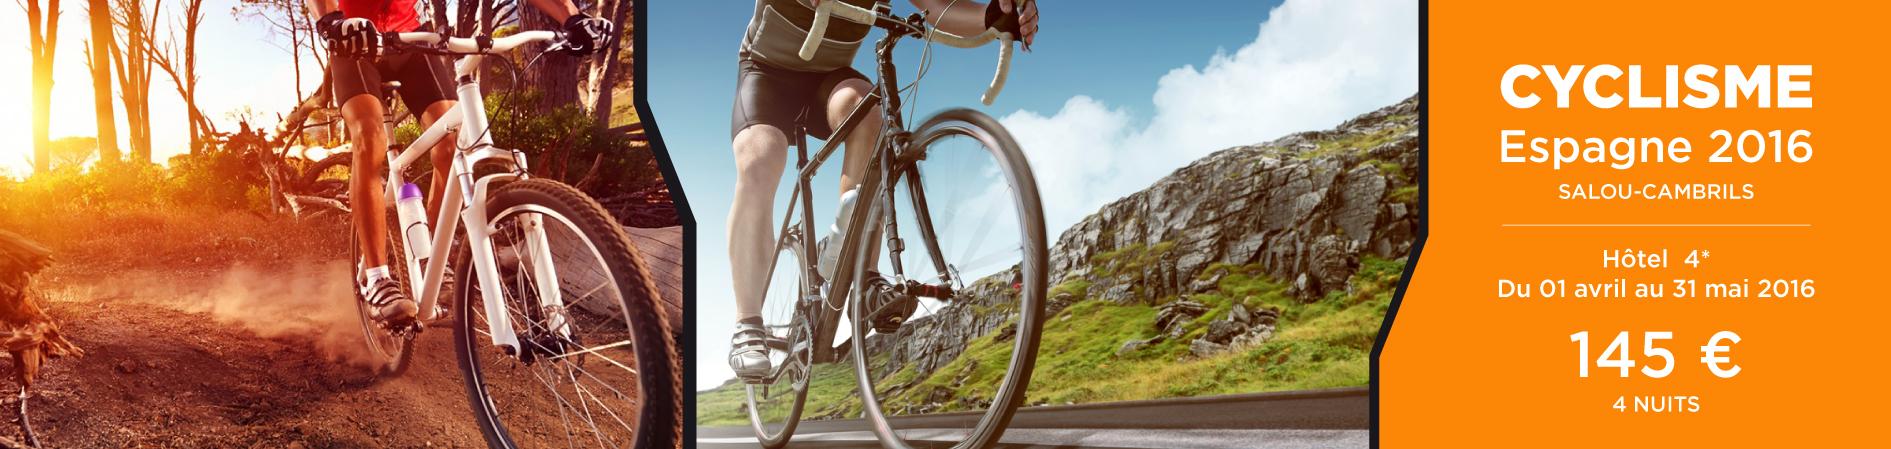 cyclismeEspagne2016